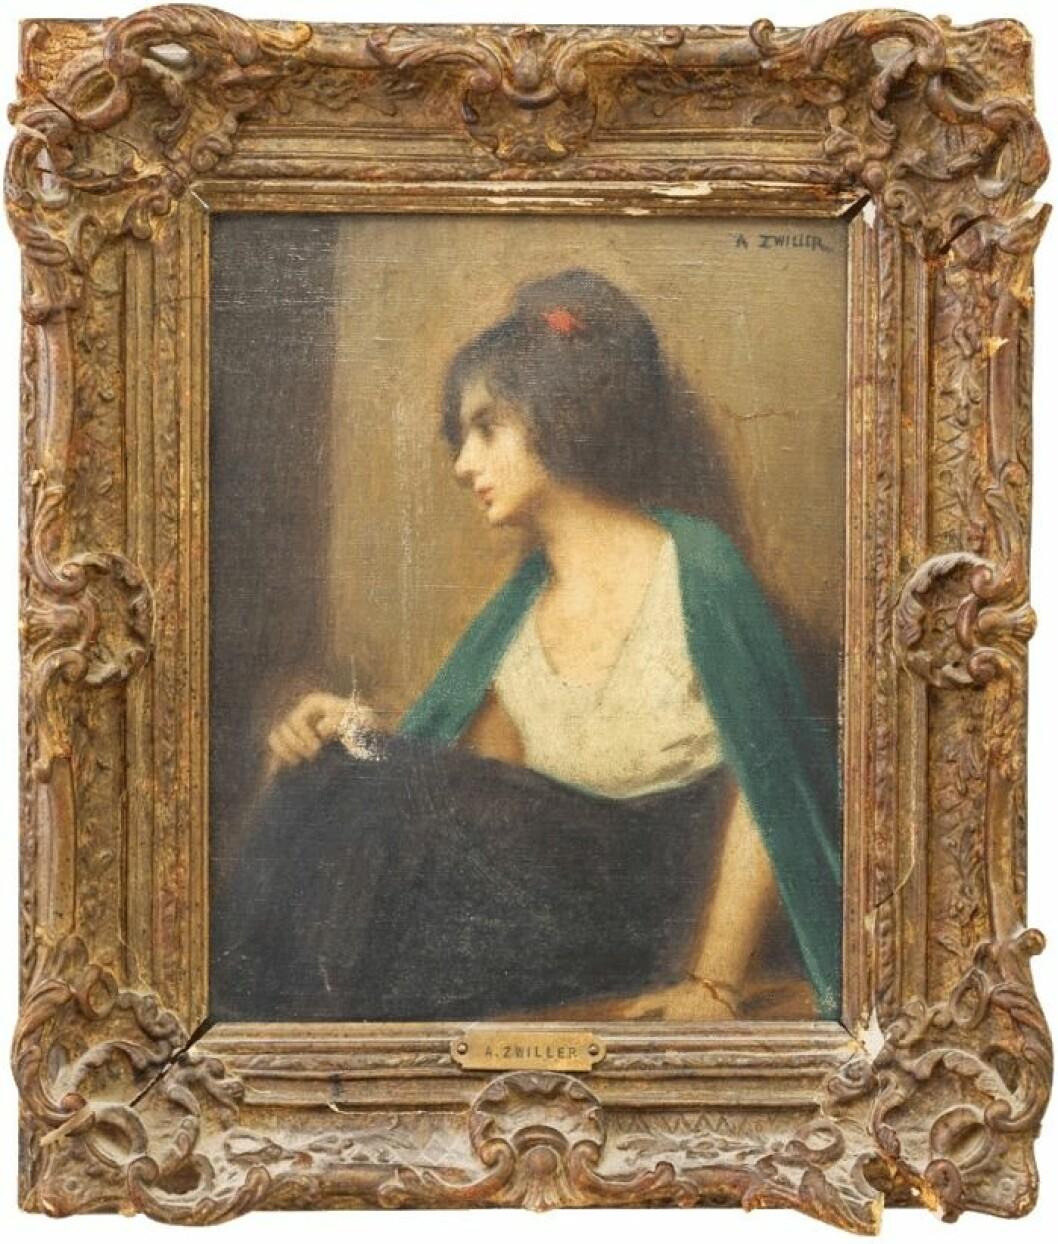 Porträtt av spanjorska, Augustin Zwiller